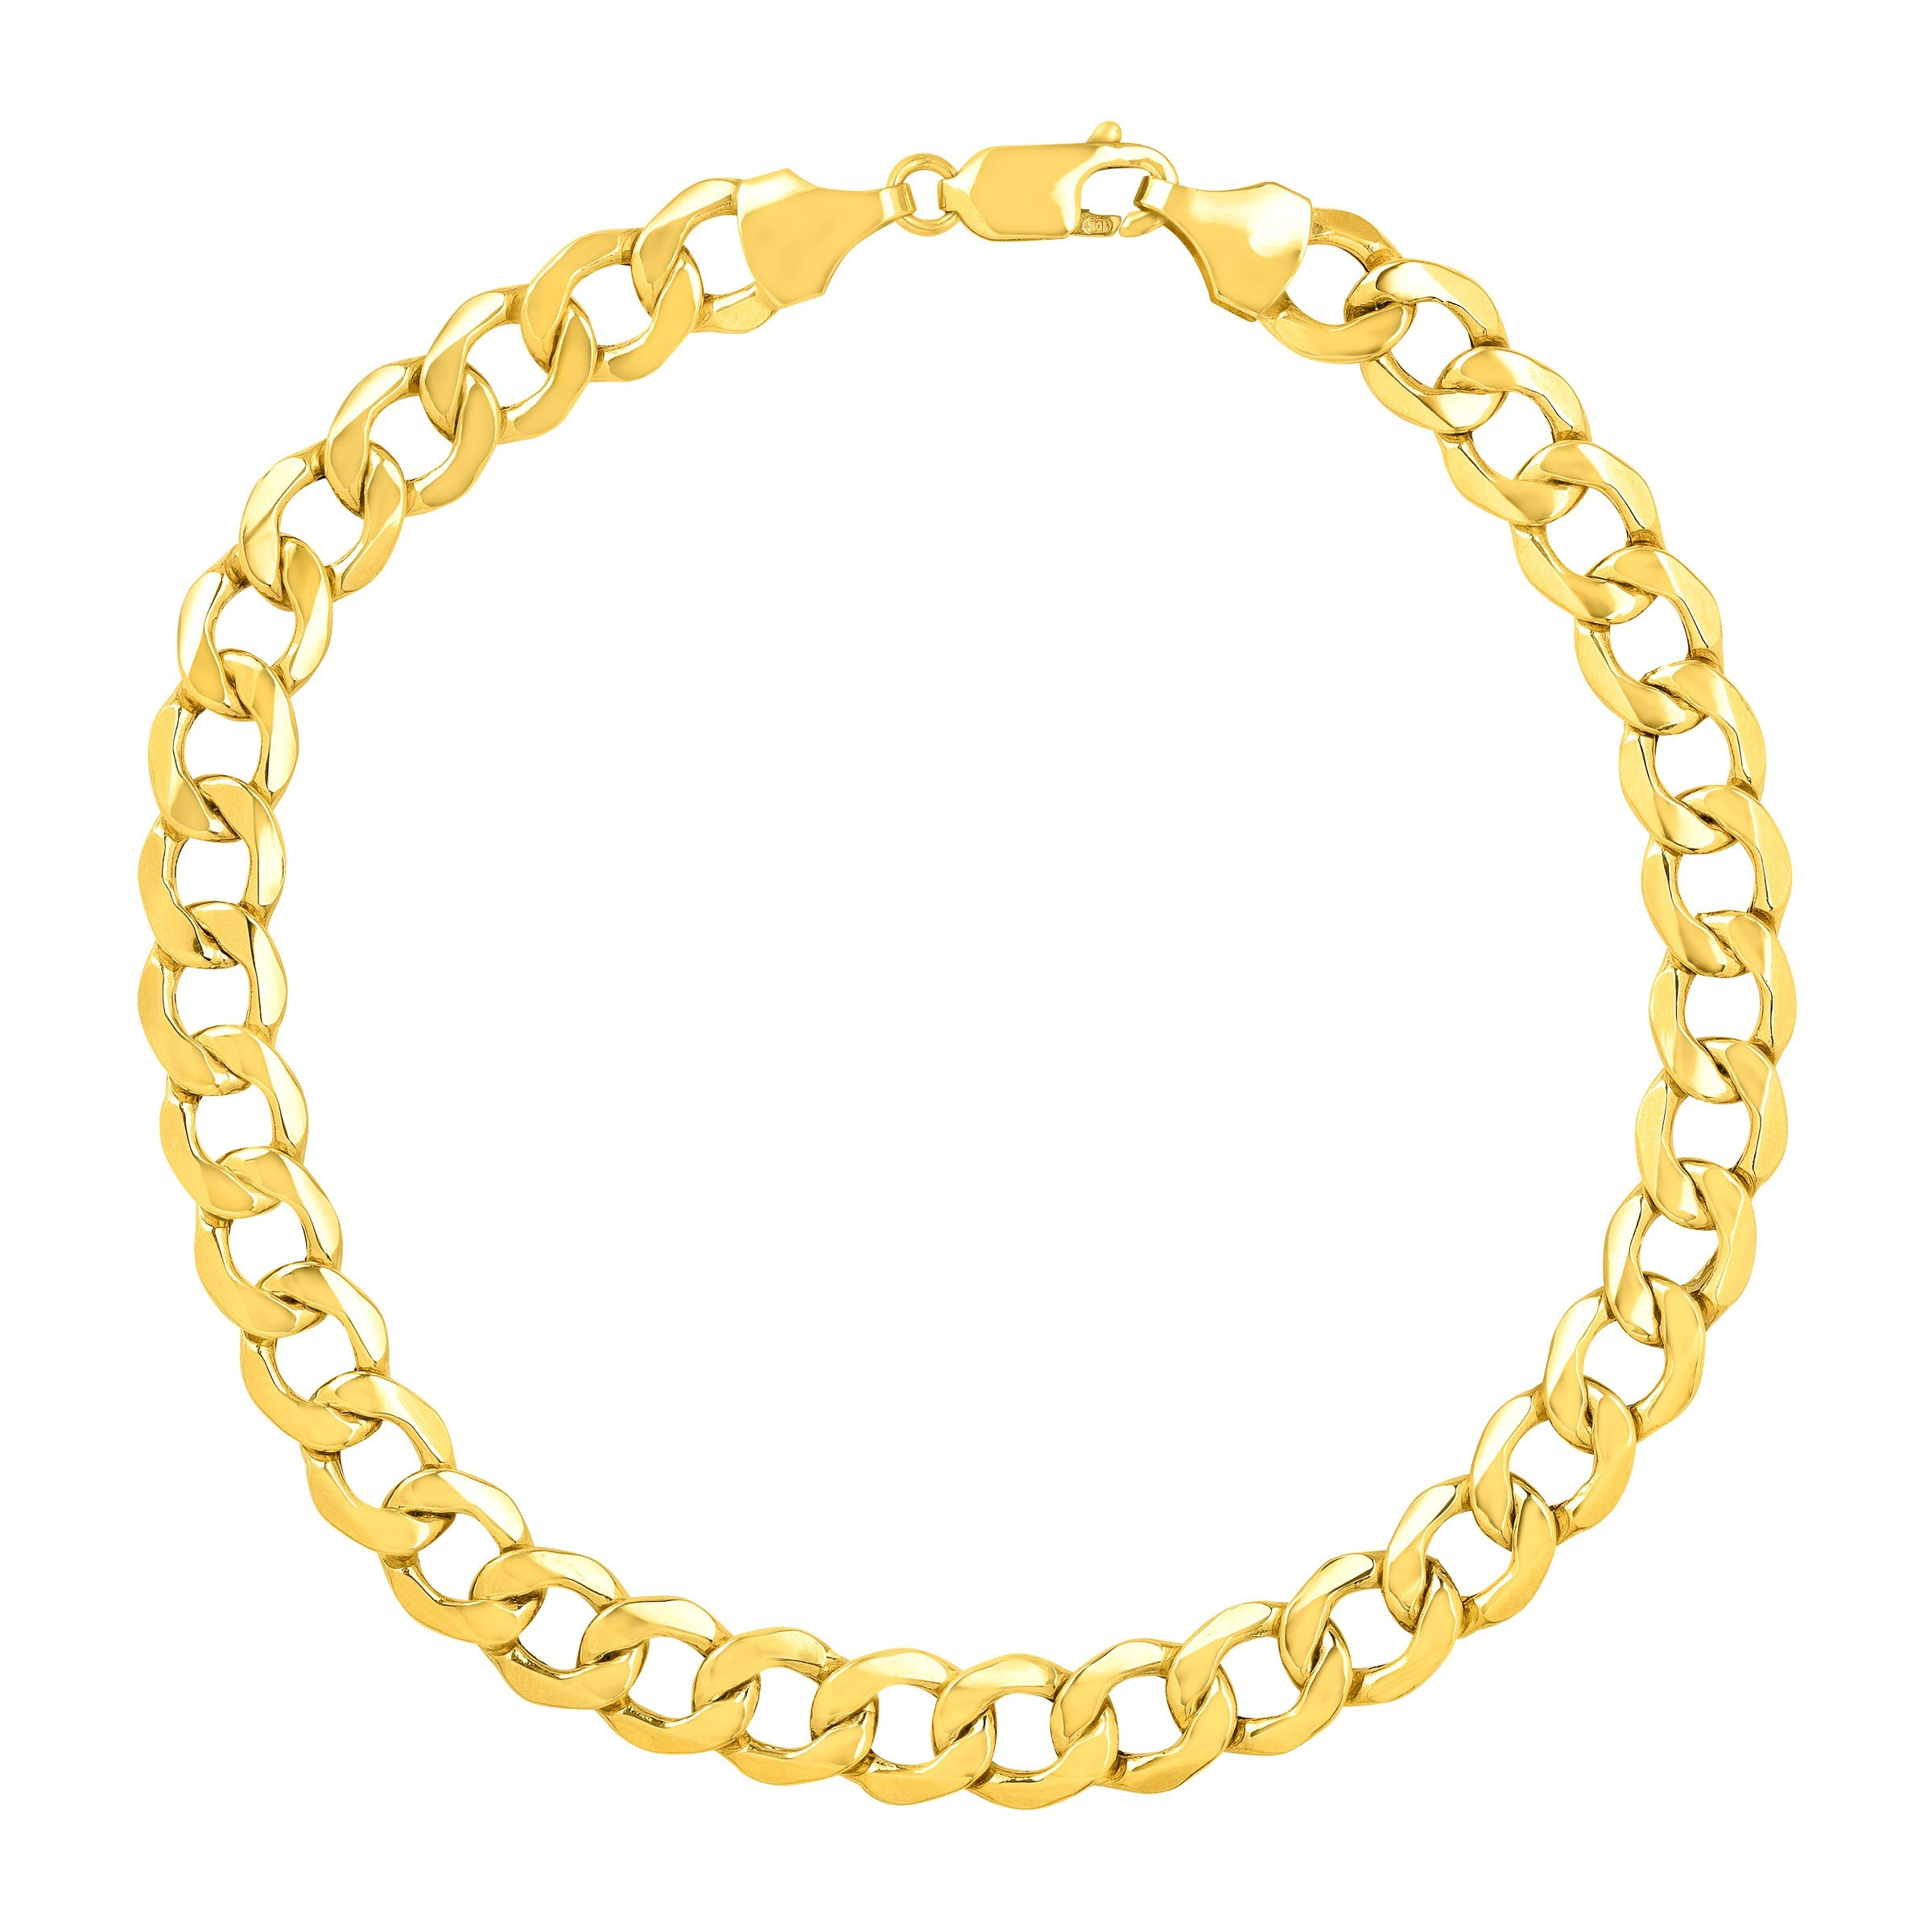 Just Gold Men's Bevelled Link Bracelet in 10K Gold